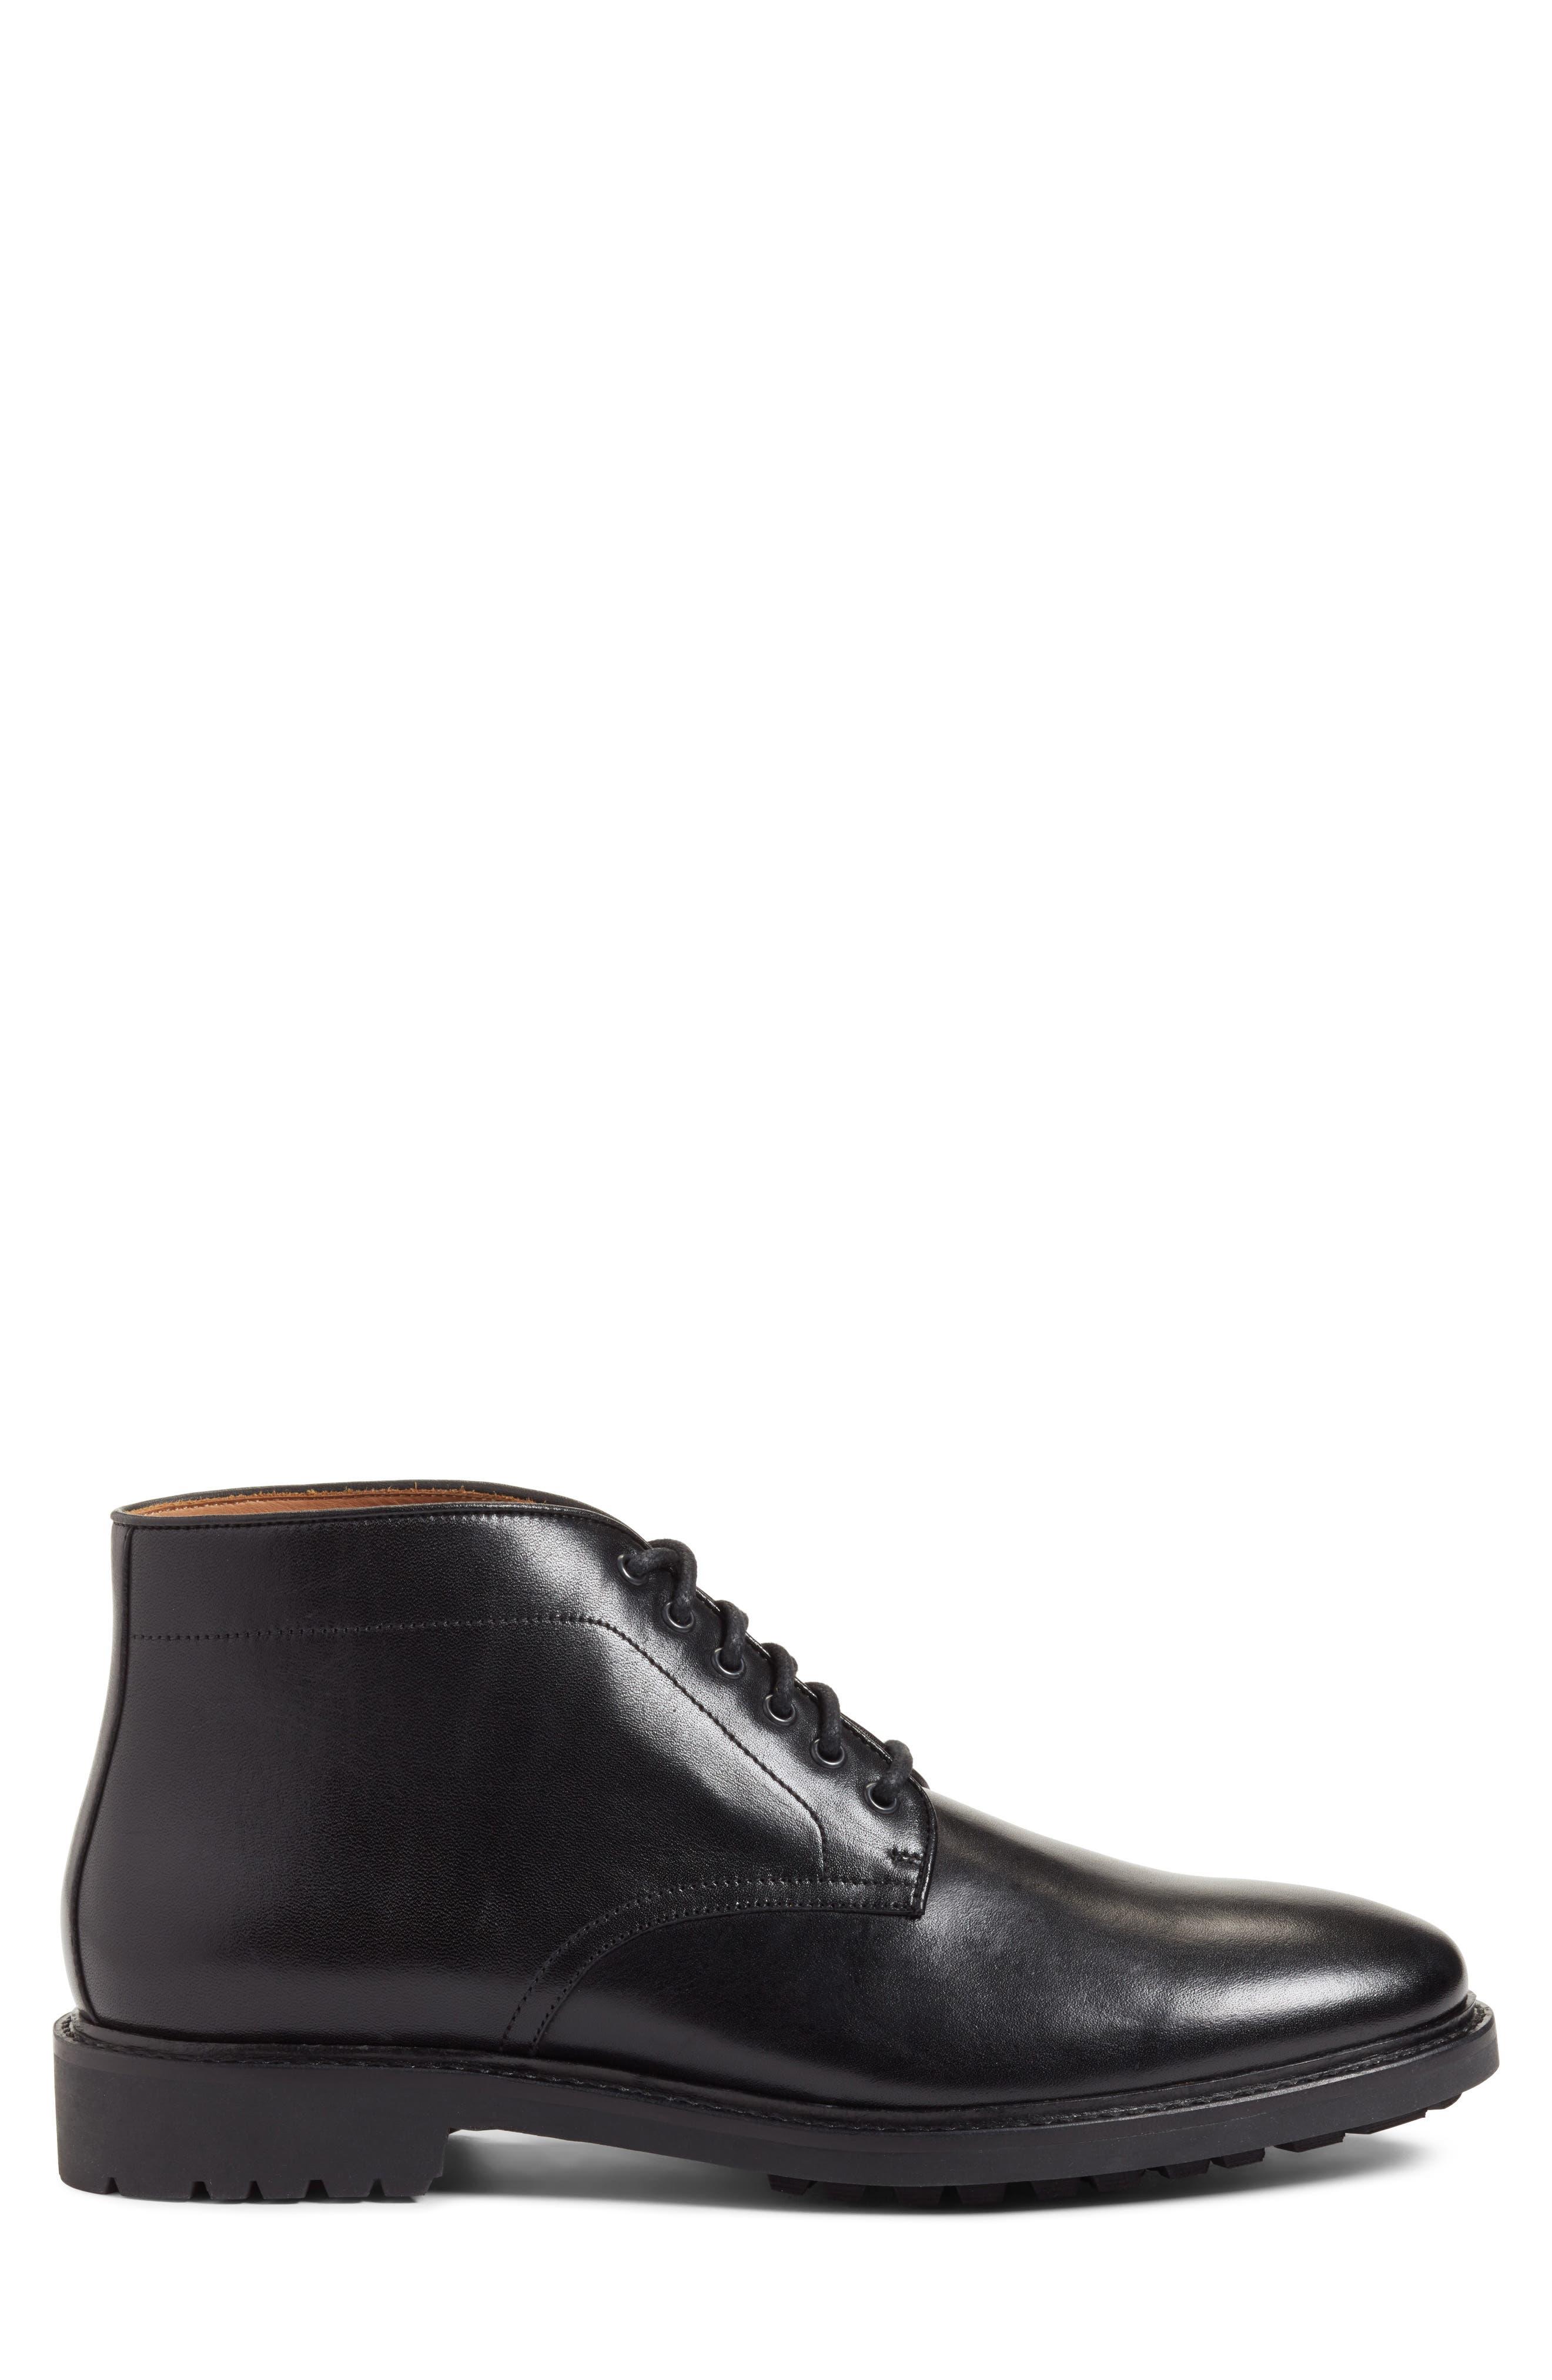 Ramiro Plain Toe Boot,                             Alternate thumbnail 3, color,                             Black Leather